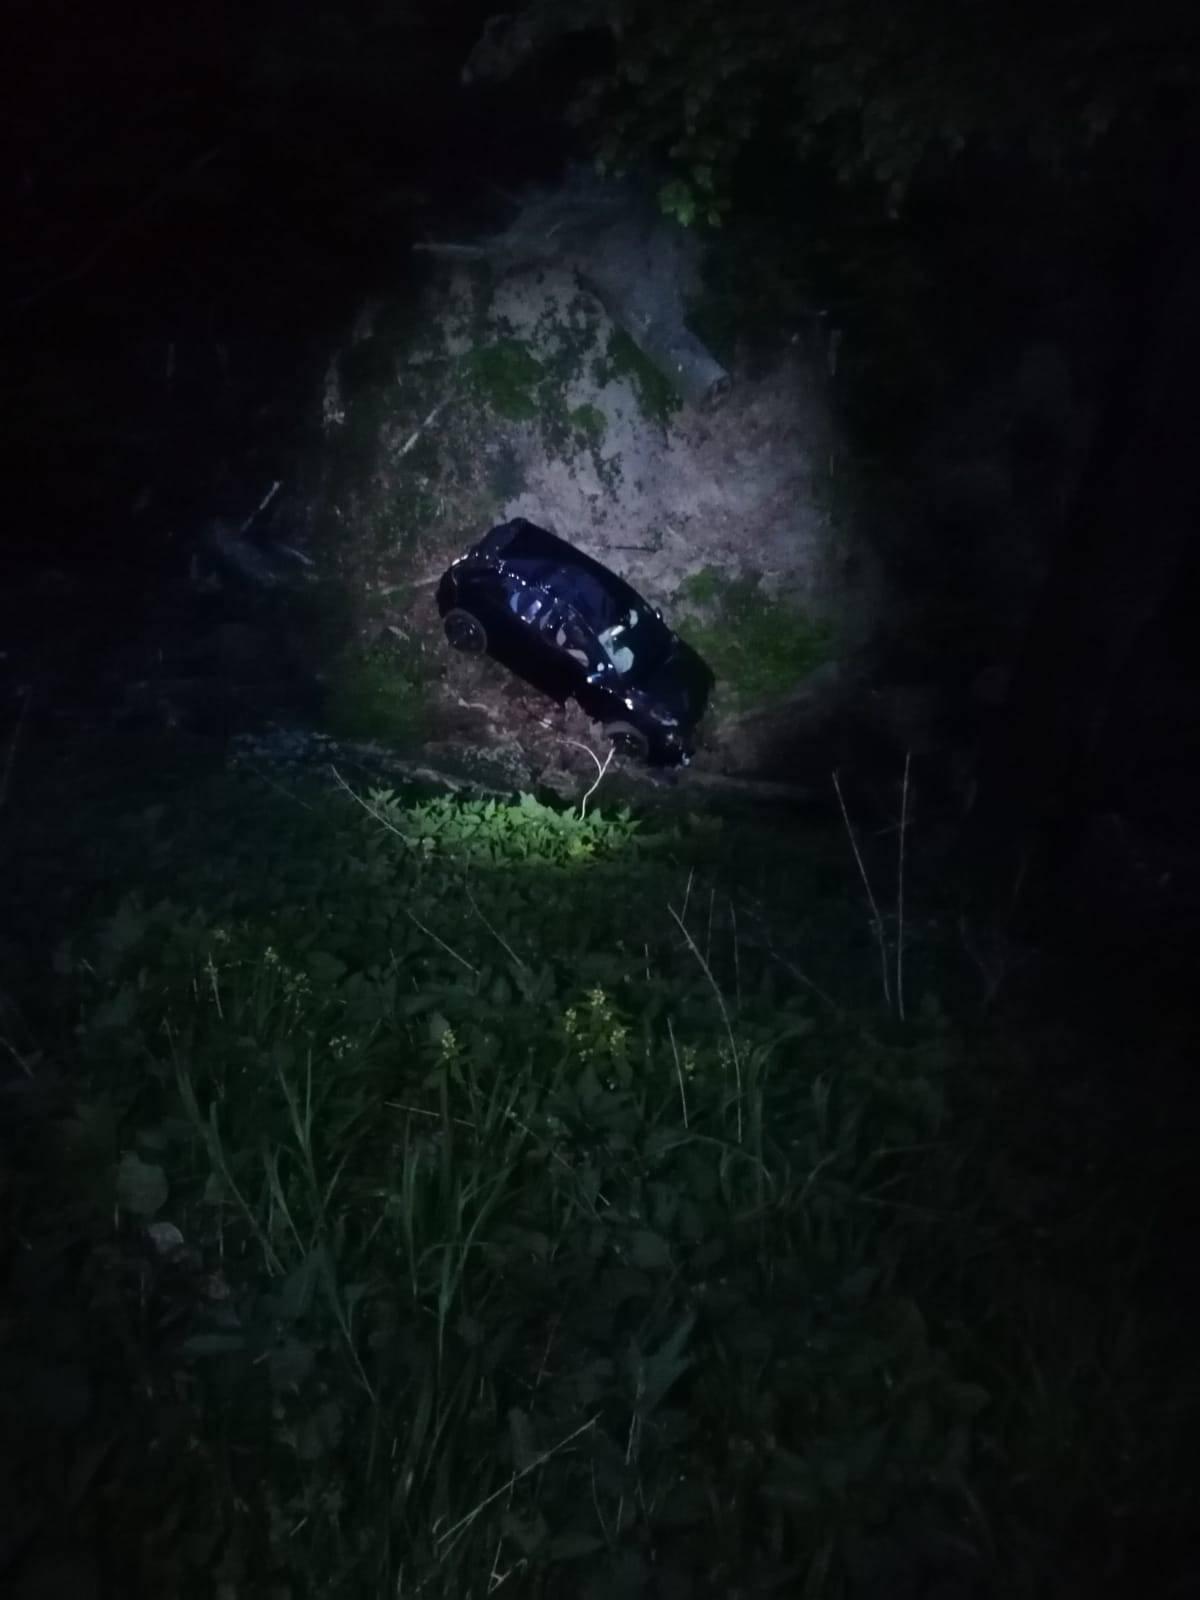 Čudo da su izašli živi iz auta! Sletjeli sa Sljemenske ceste...